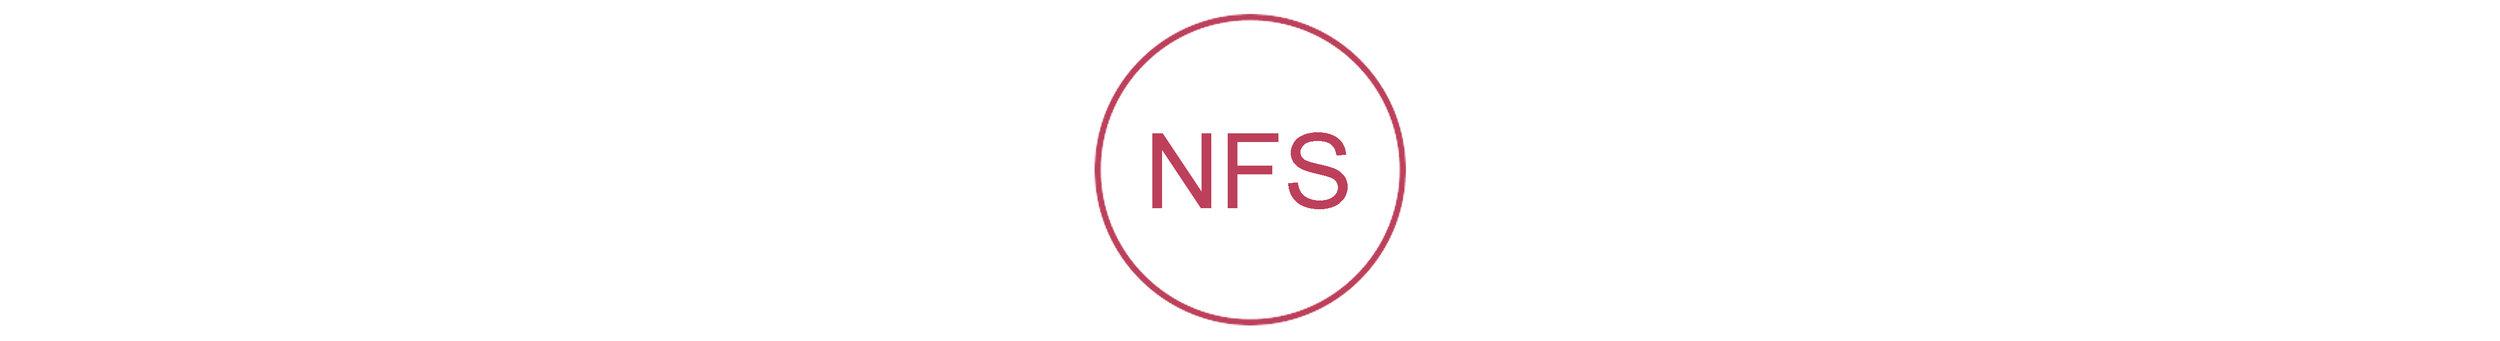 NFS.jpg